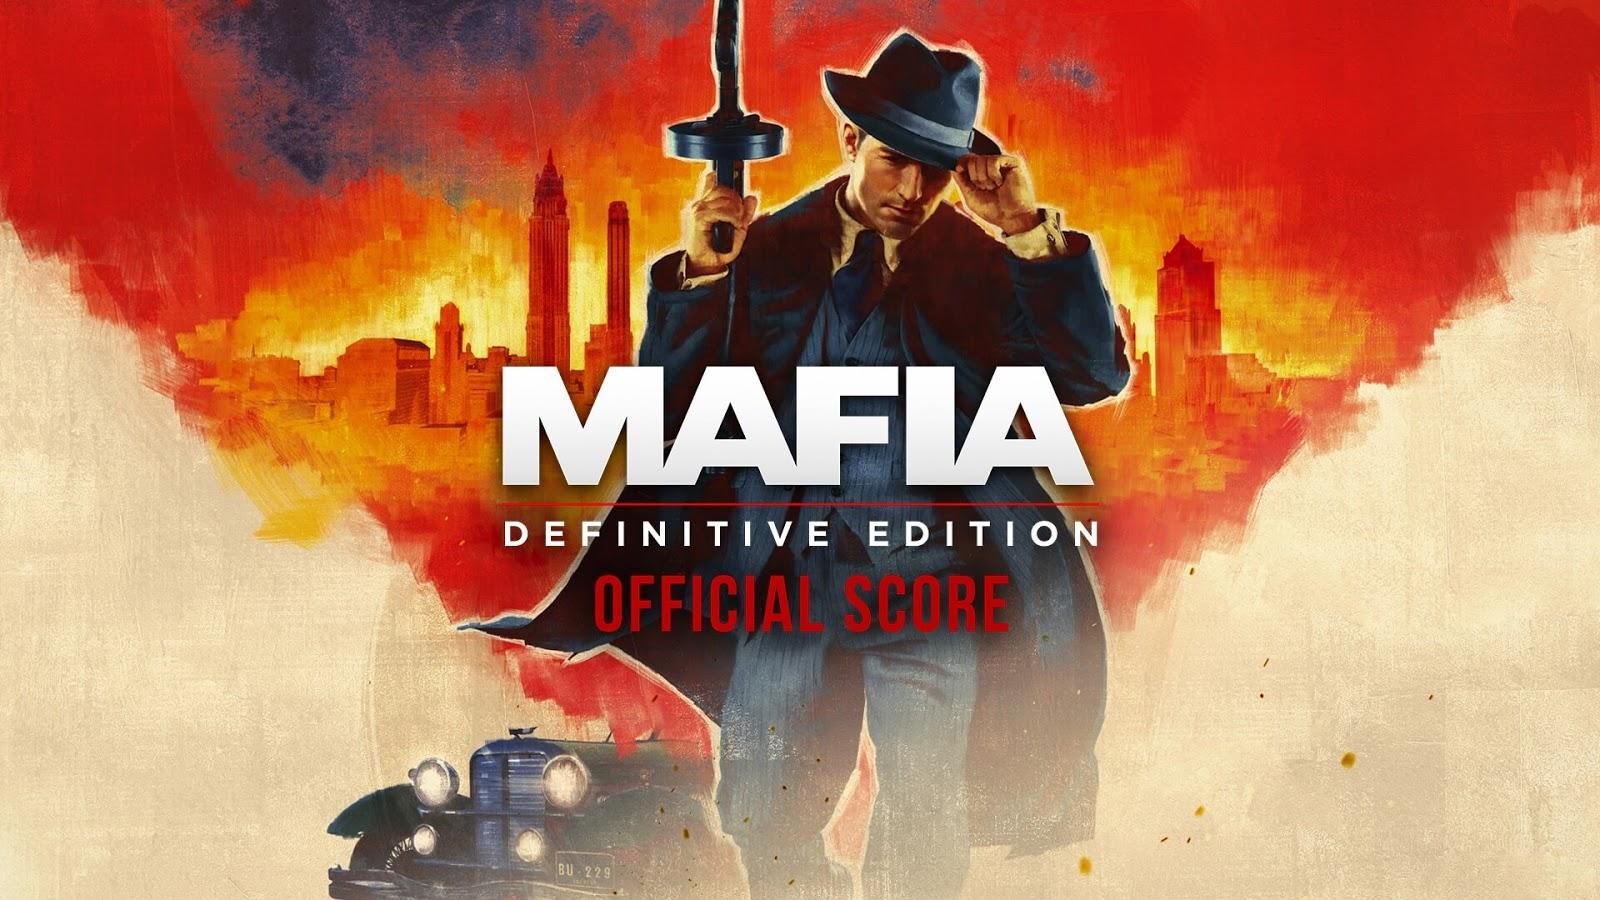 لعبة الاكشن والشوتر المنتظرة Mafia Definitive Edition